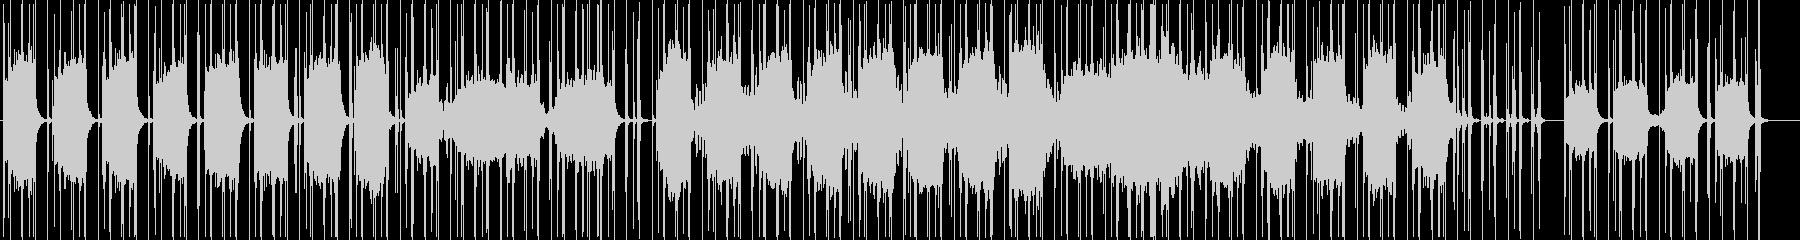 空間を生かしたストリングスシンセ曲の未再生の波形